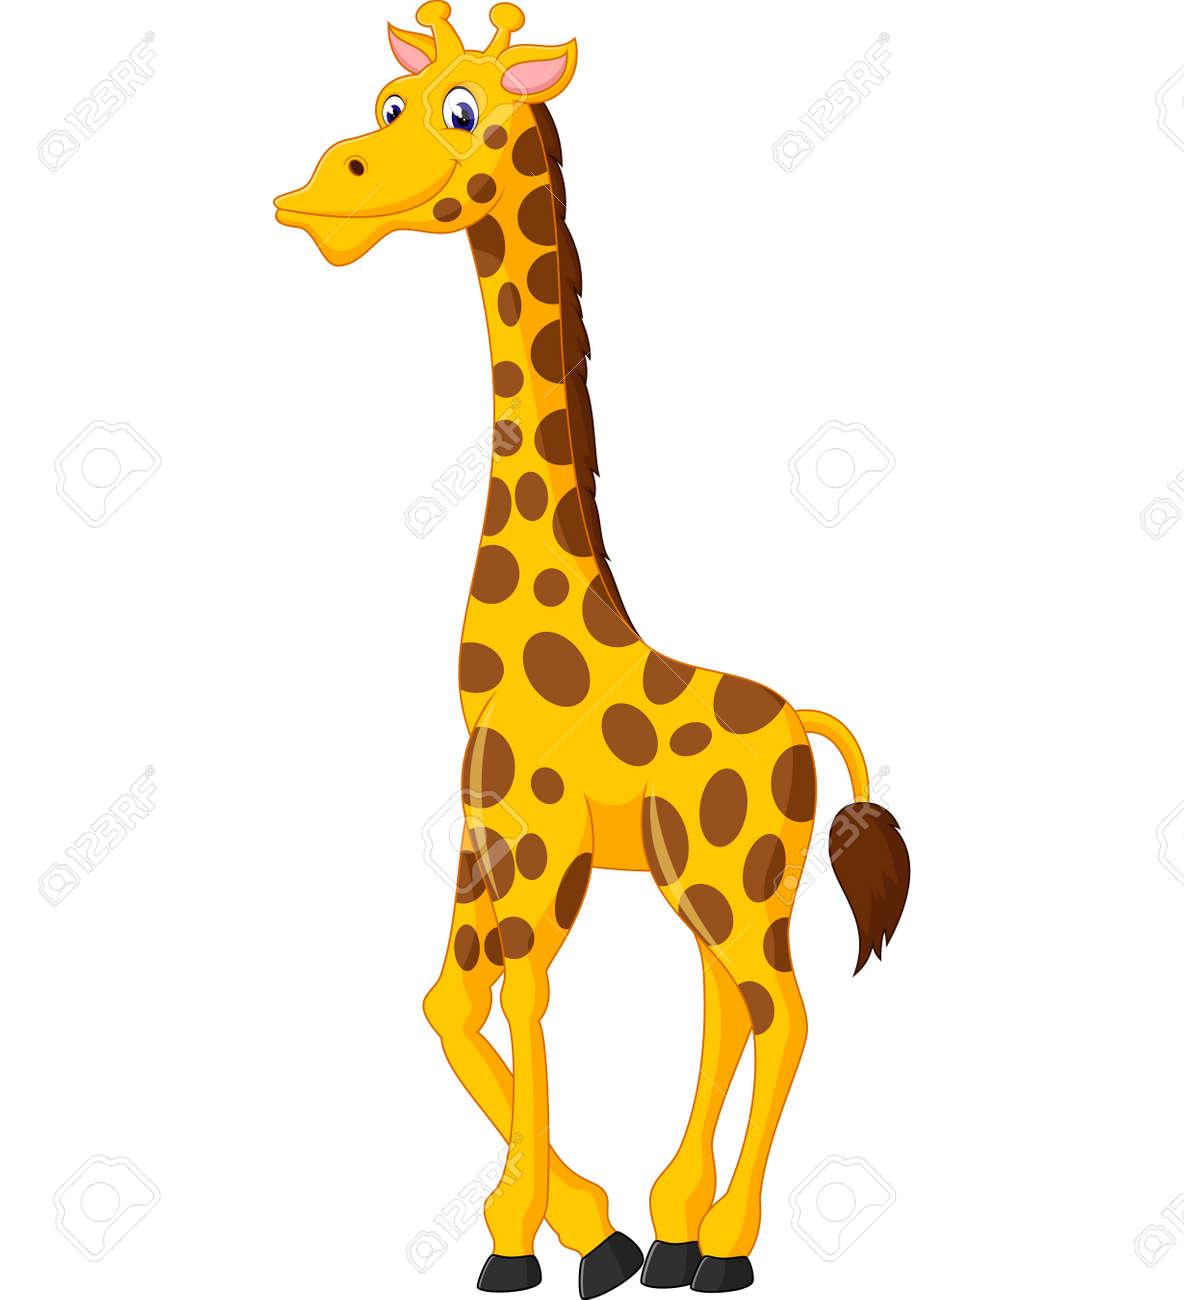 hight resolution of cute giraffe cartoon of illustration illustration